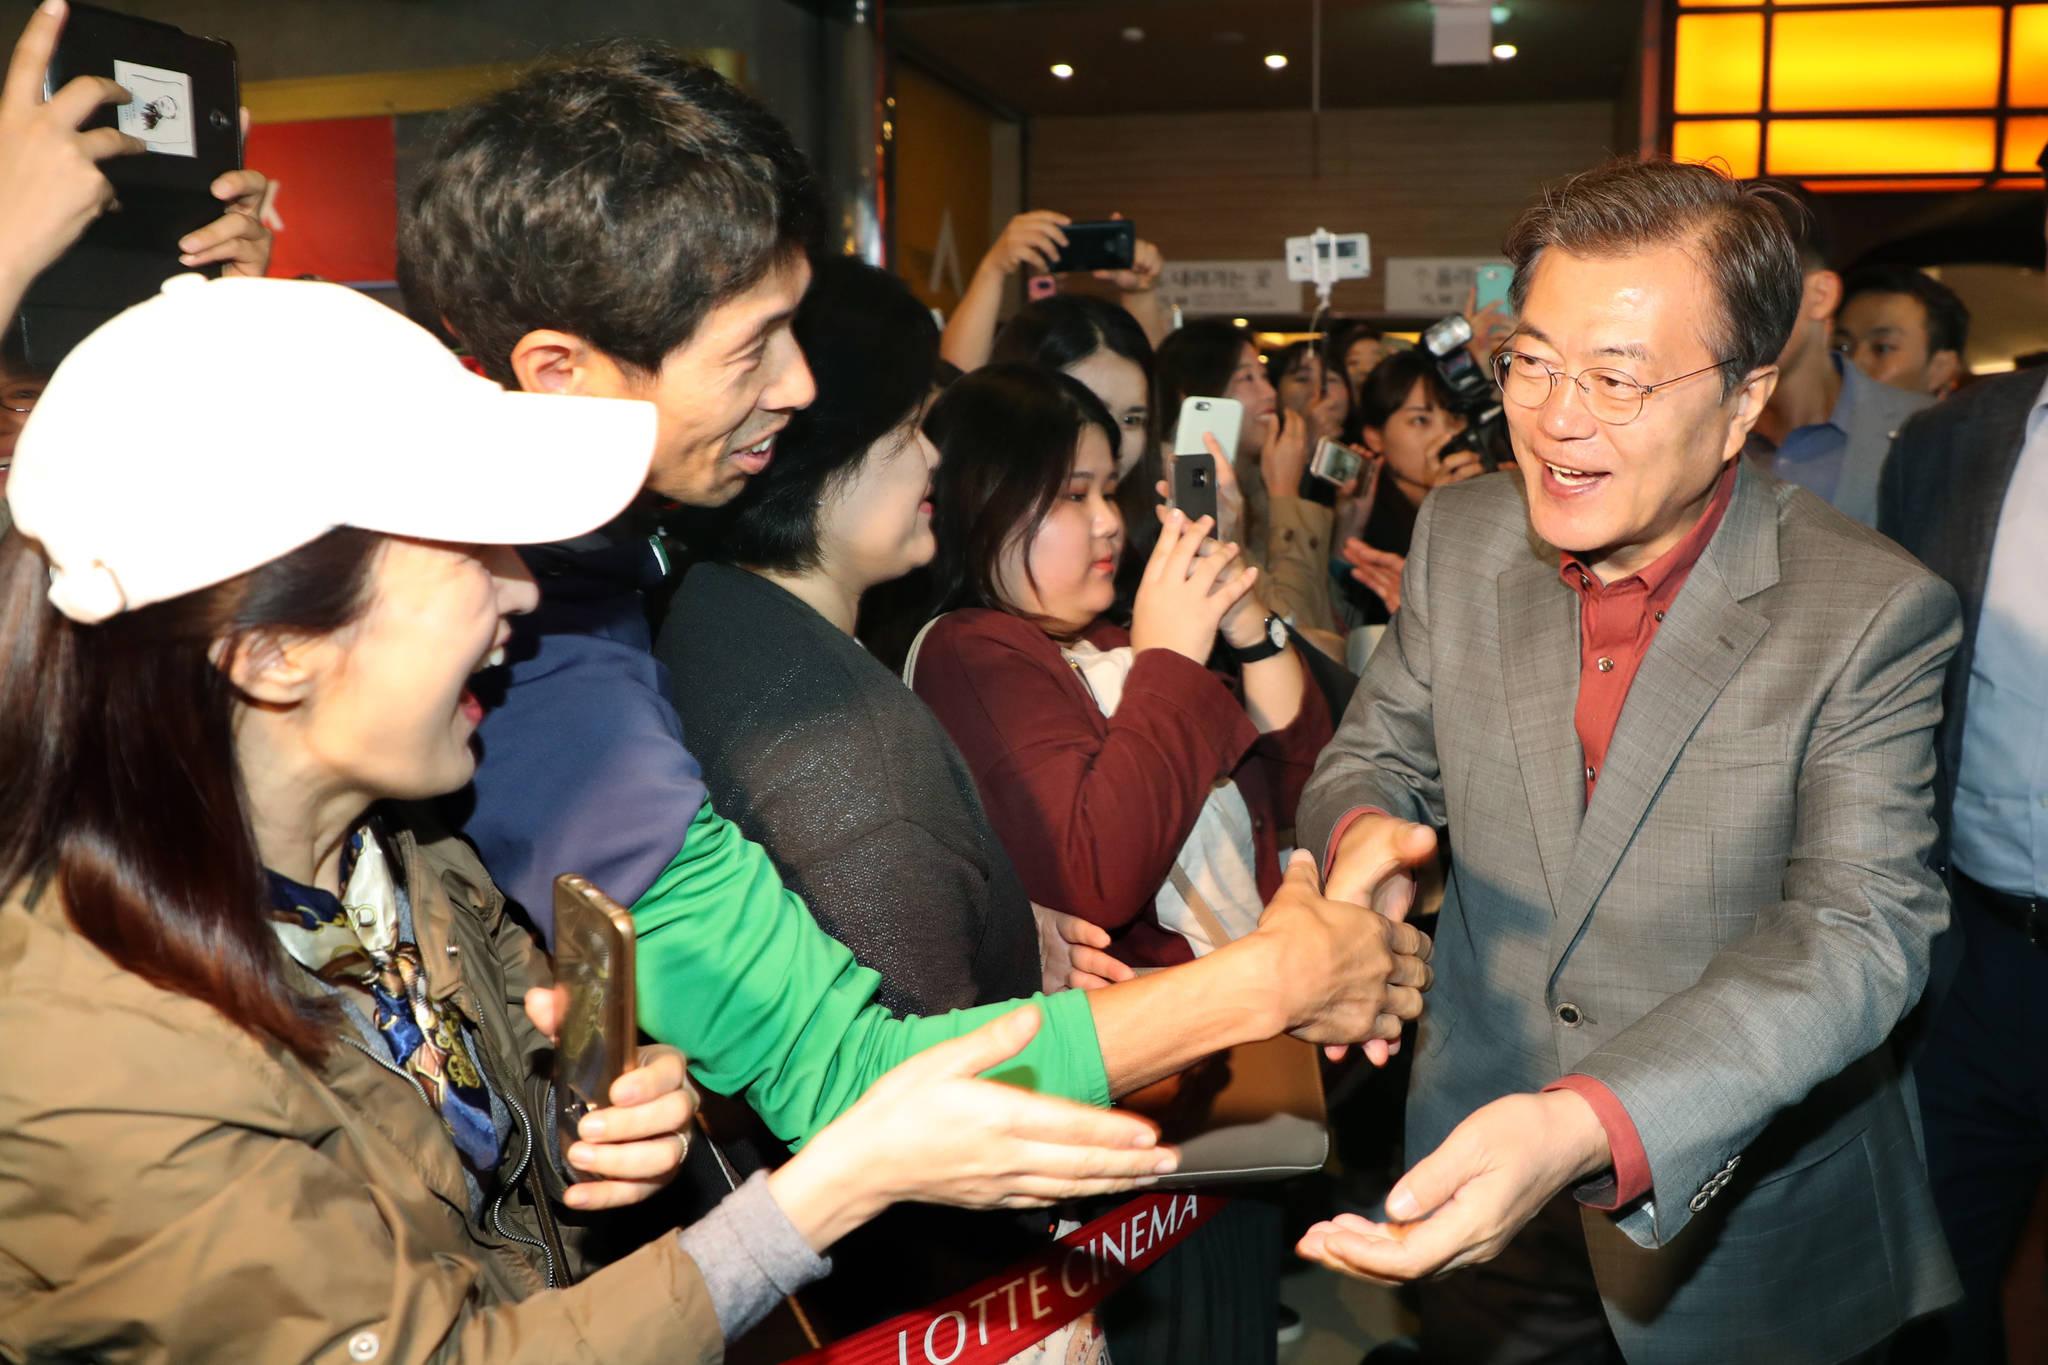 문재인 대통령이 지난해 10월15일 부산국제영화제를 방문해 영화 '미씽'을 관람한 뒤 관객들과 손을 잡고 있다. 청와대사진기자단